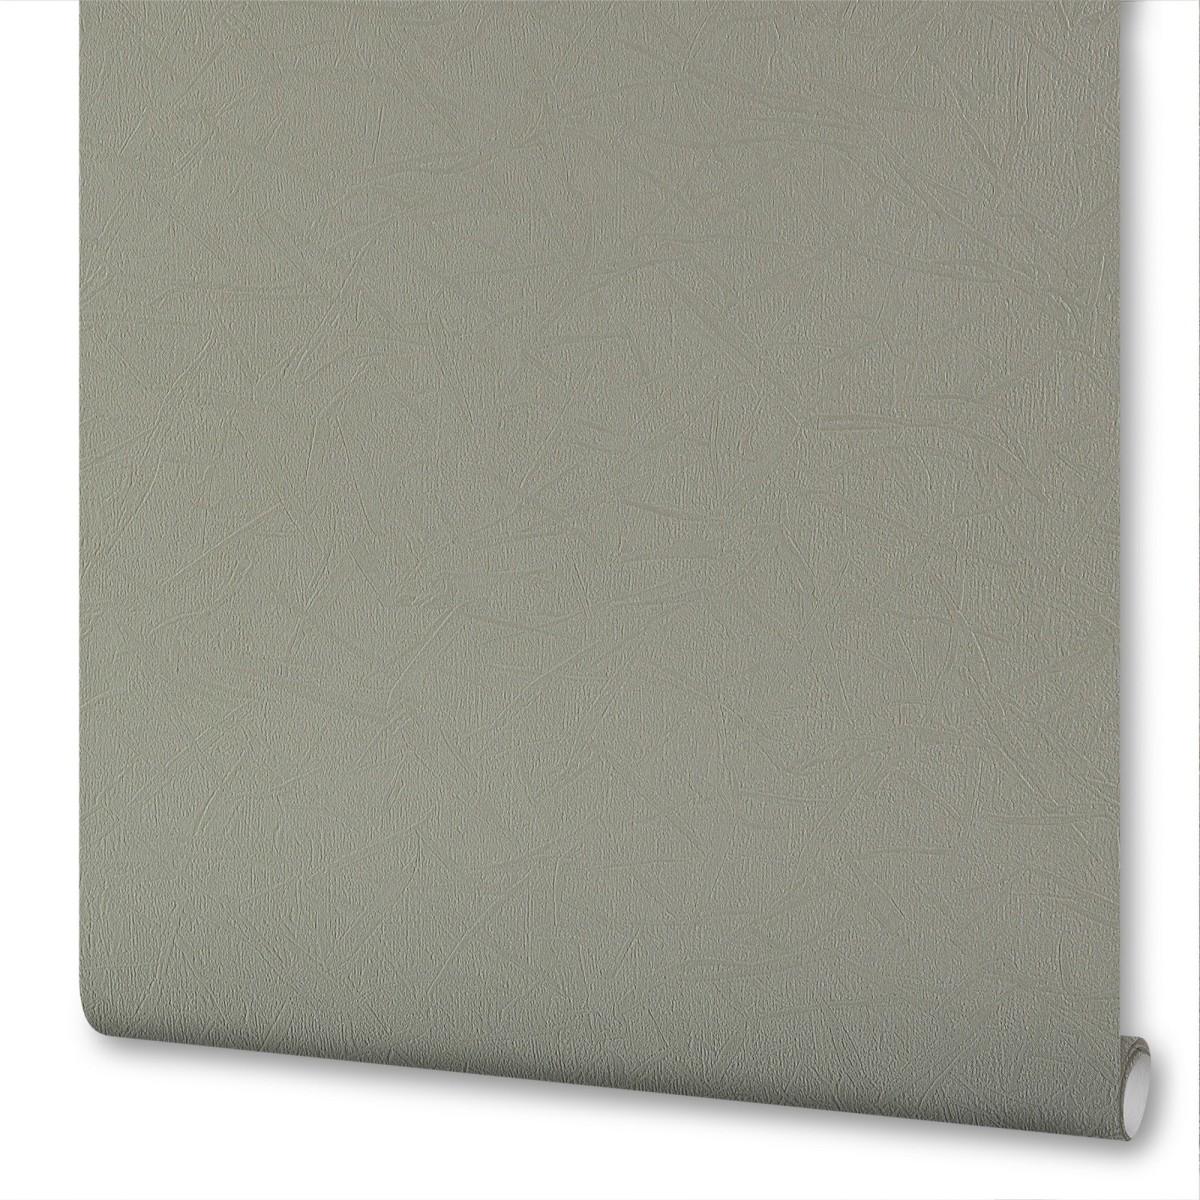 Обои флизелиновые Inspire 1.06х10.05 м цвет серый Па71050-41